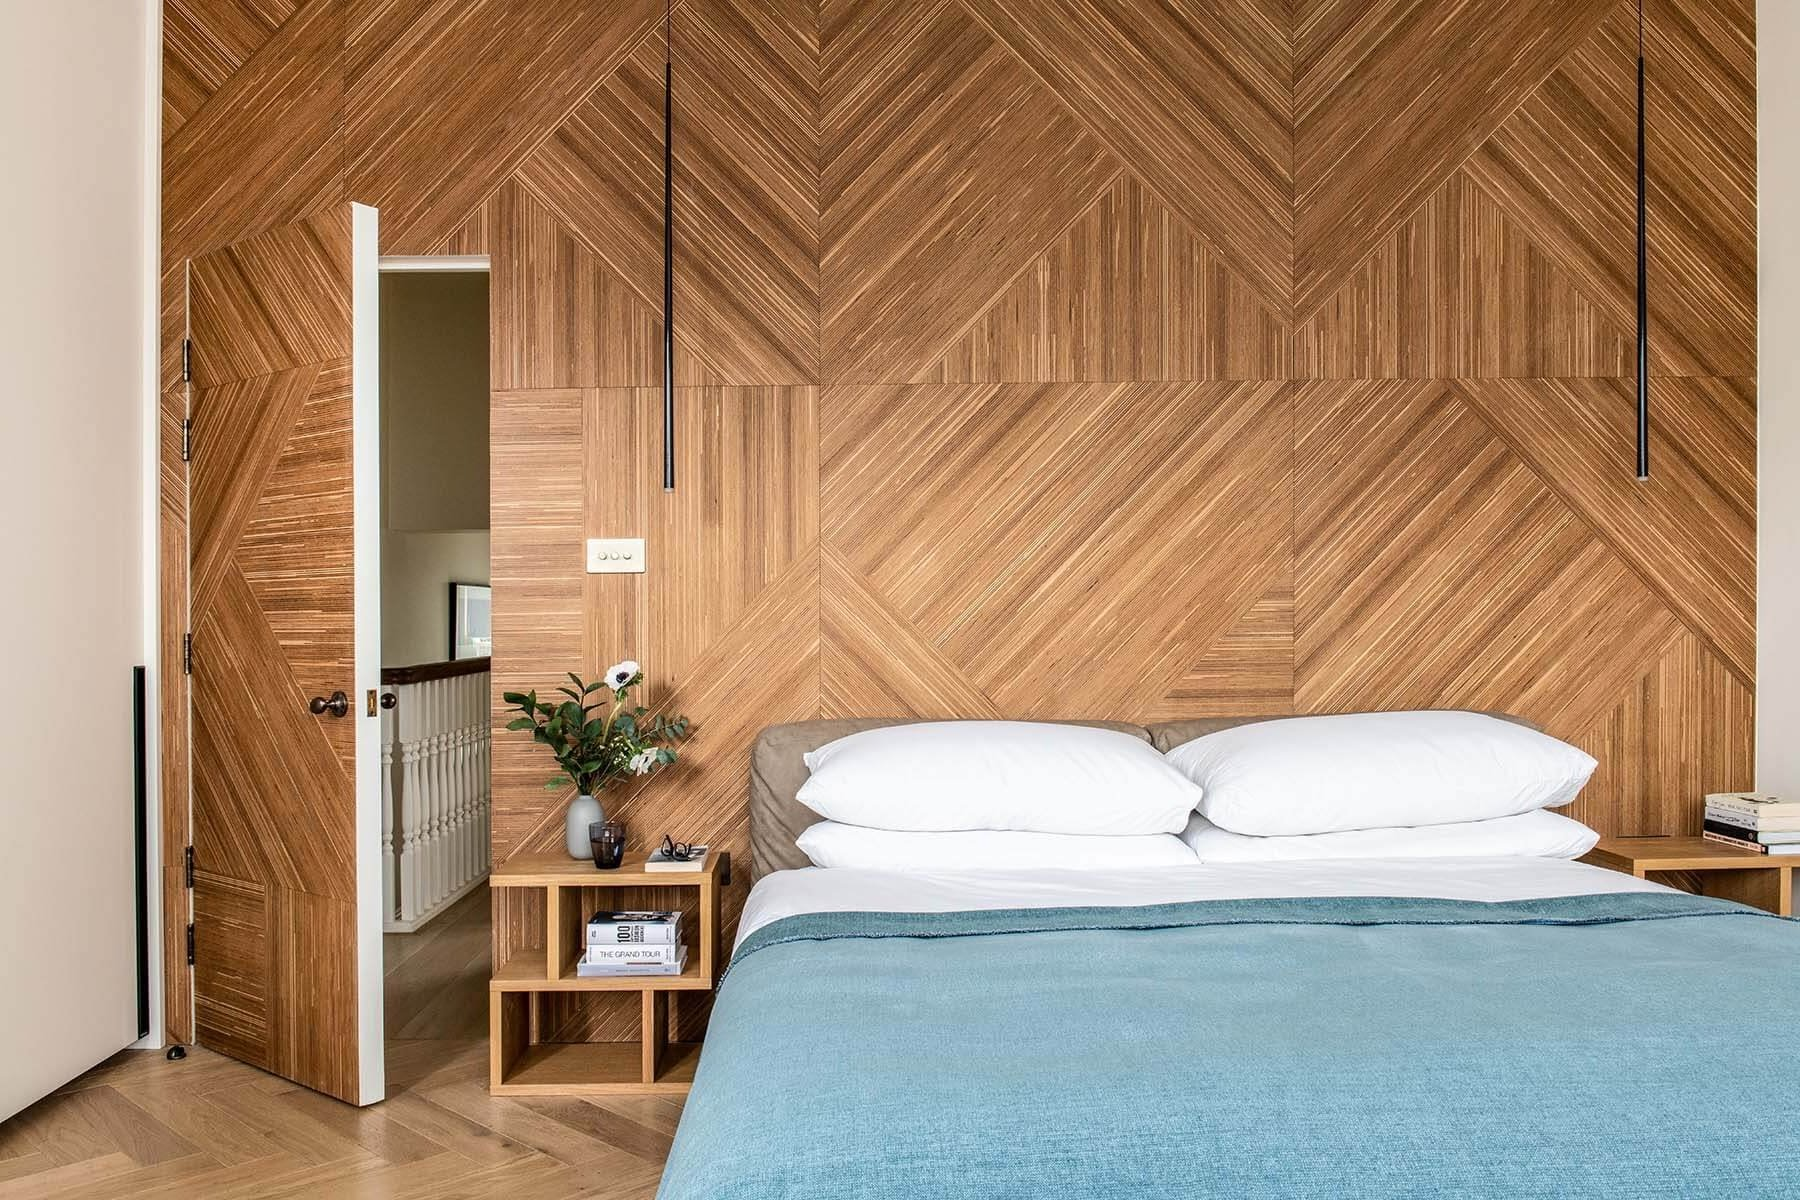 Interior Design Company London Building Services Temza Ltd